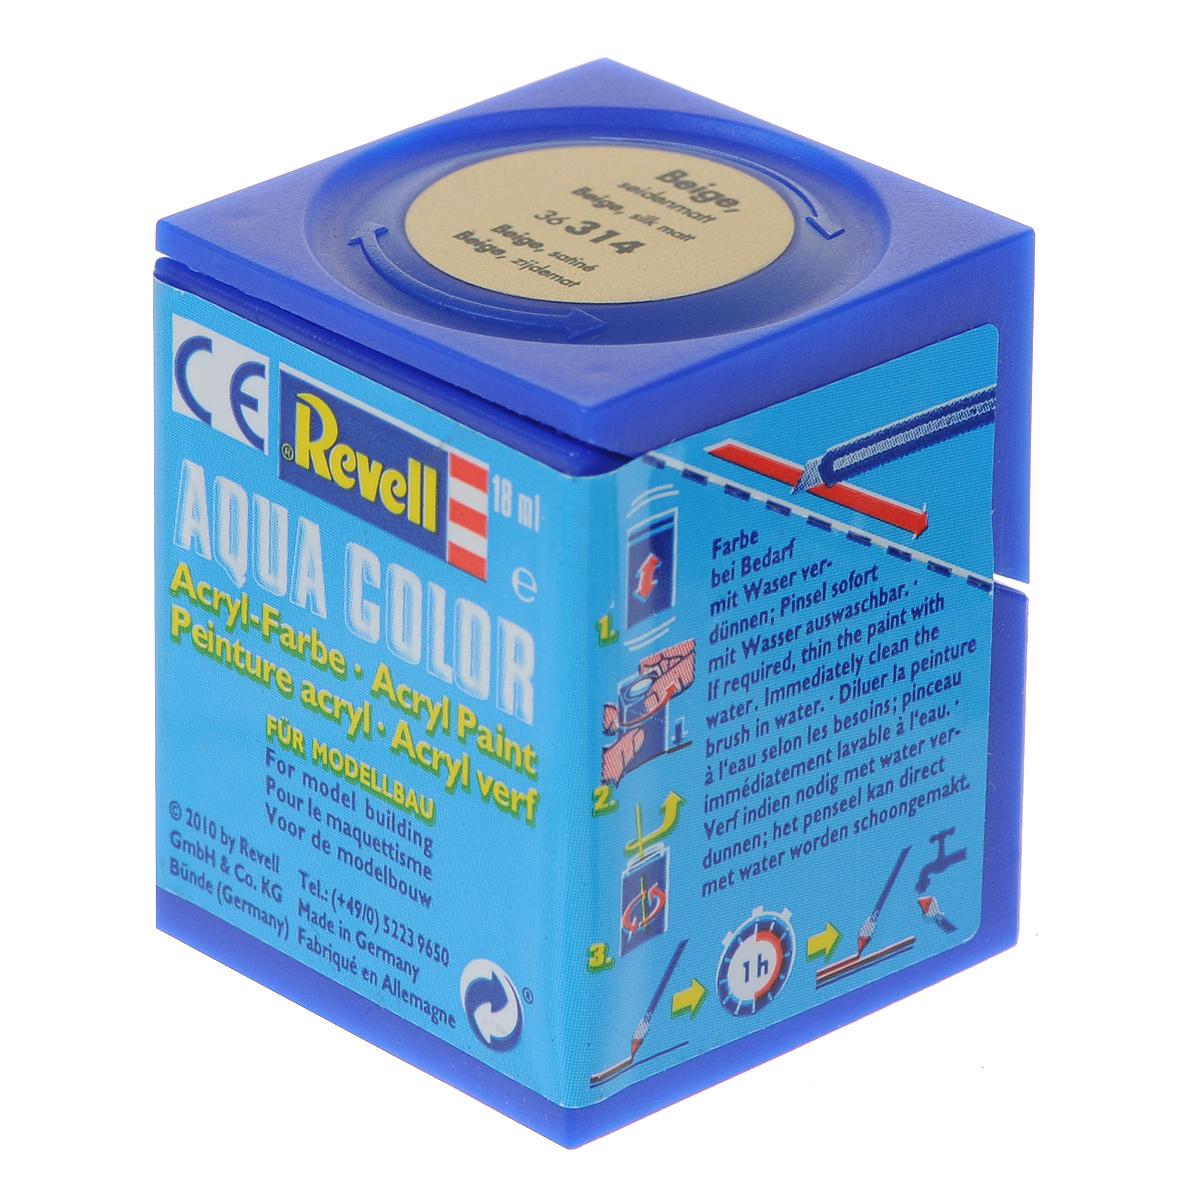 Revell Аква-краска шелково-матовая цвет бежевый 18 мл36314Краски для моделей Revell - это высококачественный материал для покраски ваших моделей. Данная краска служит для окрашивания пластиковых поверхностей сборных моделей Revell. В баночке содержится 18 мл краски с шелково-матовым эффектом. В случае необходимости различные оттенки эмали могут быть смешаны друг с другом, для разбавления используется Revell Color Mix.